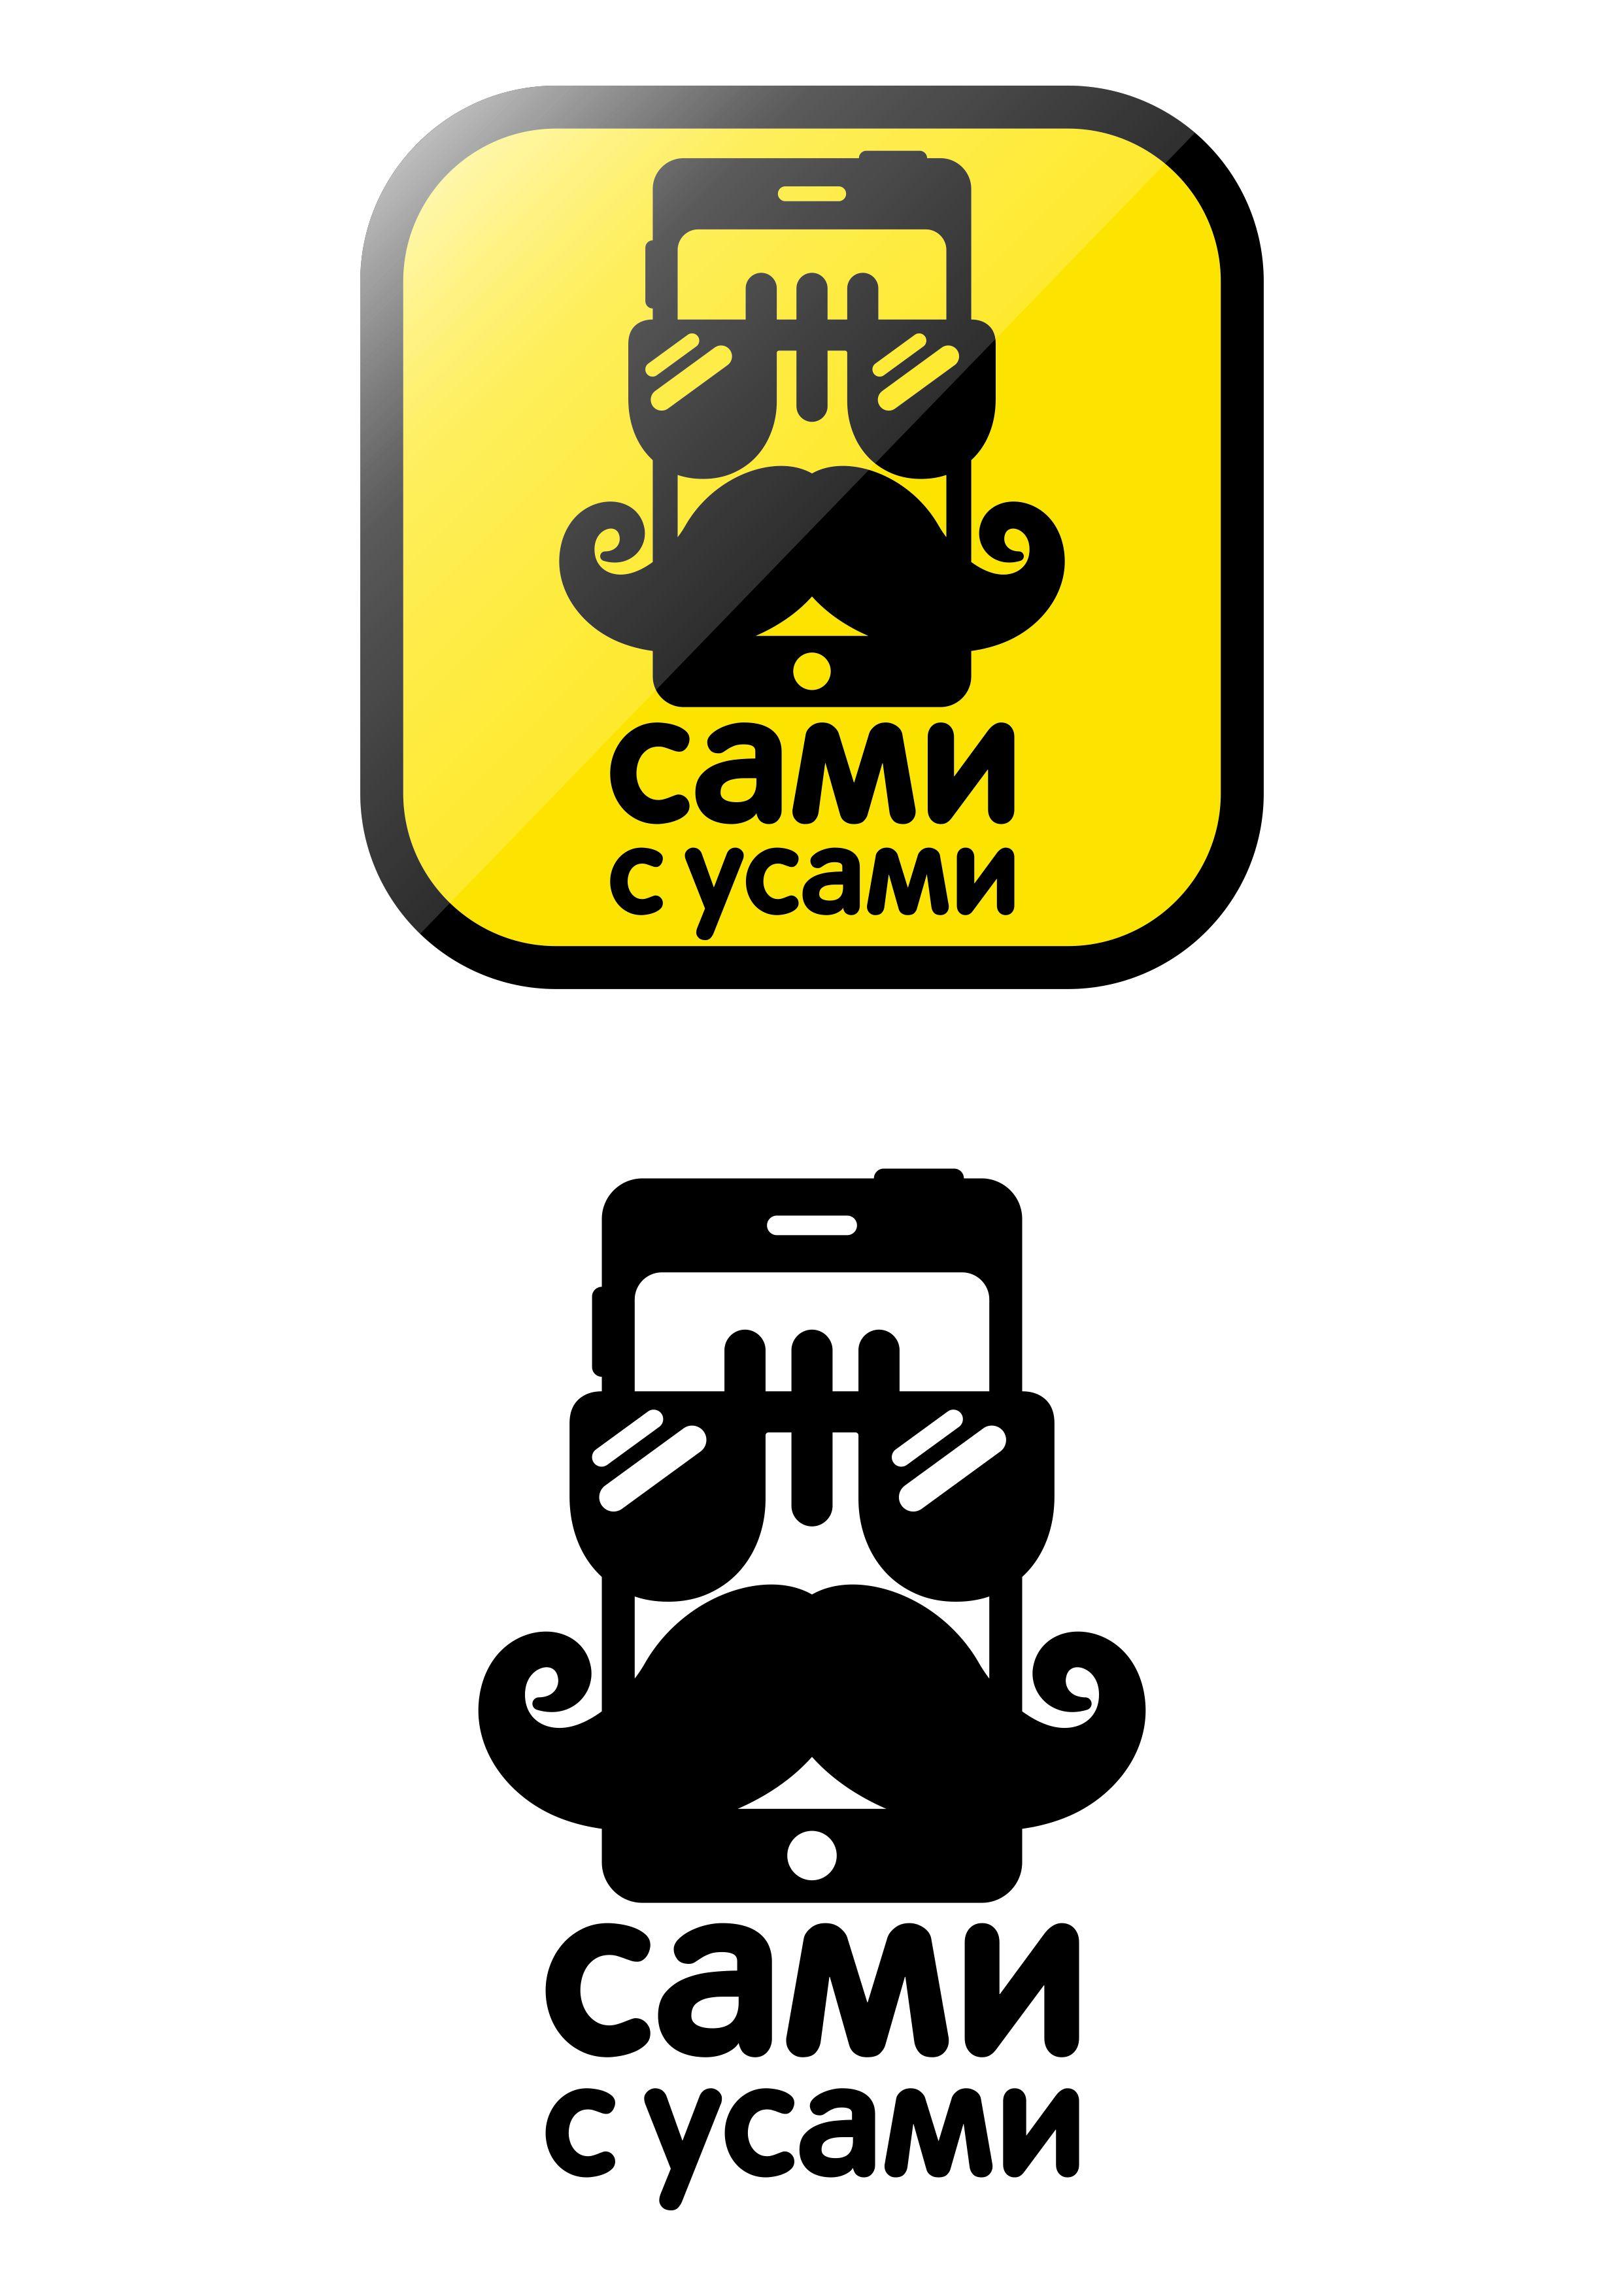 Разработка Логотипа 6 000 руб. фото f_82658f8d4bdcb2a2.jpg